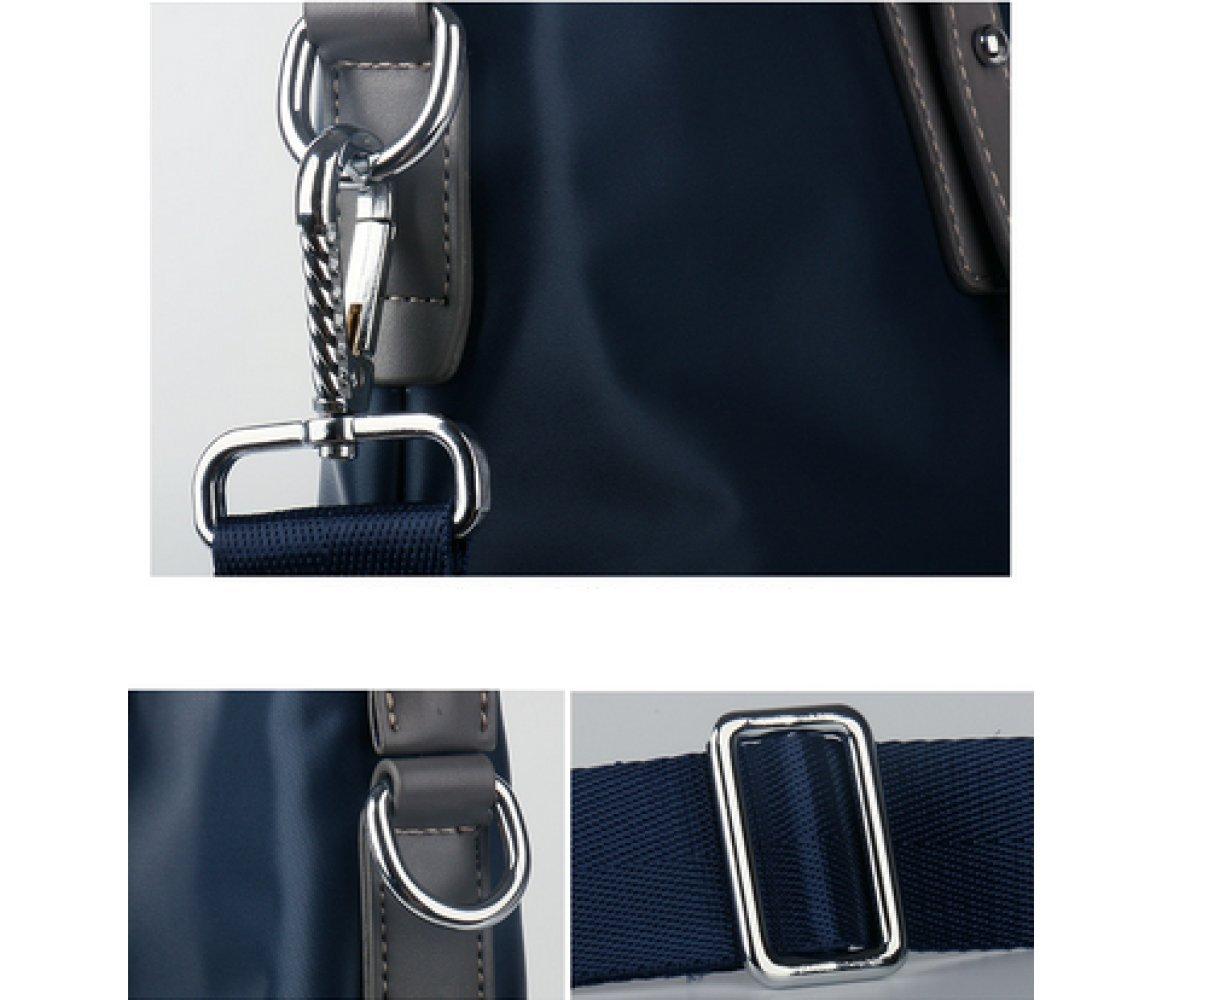 British Style Casual Men's Bag Waterproof Oxford Cloth Handbag Briefcase Shoulder Messenger Bag,Black-L by NUGJHJT (Image #9)